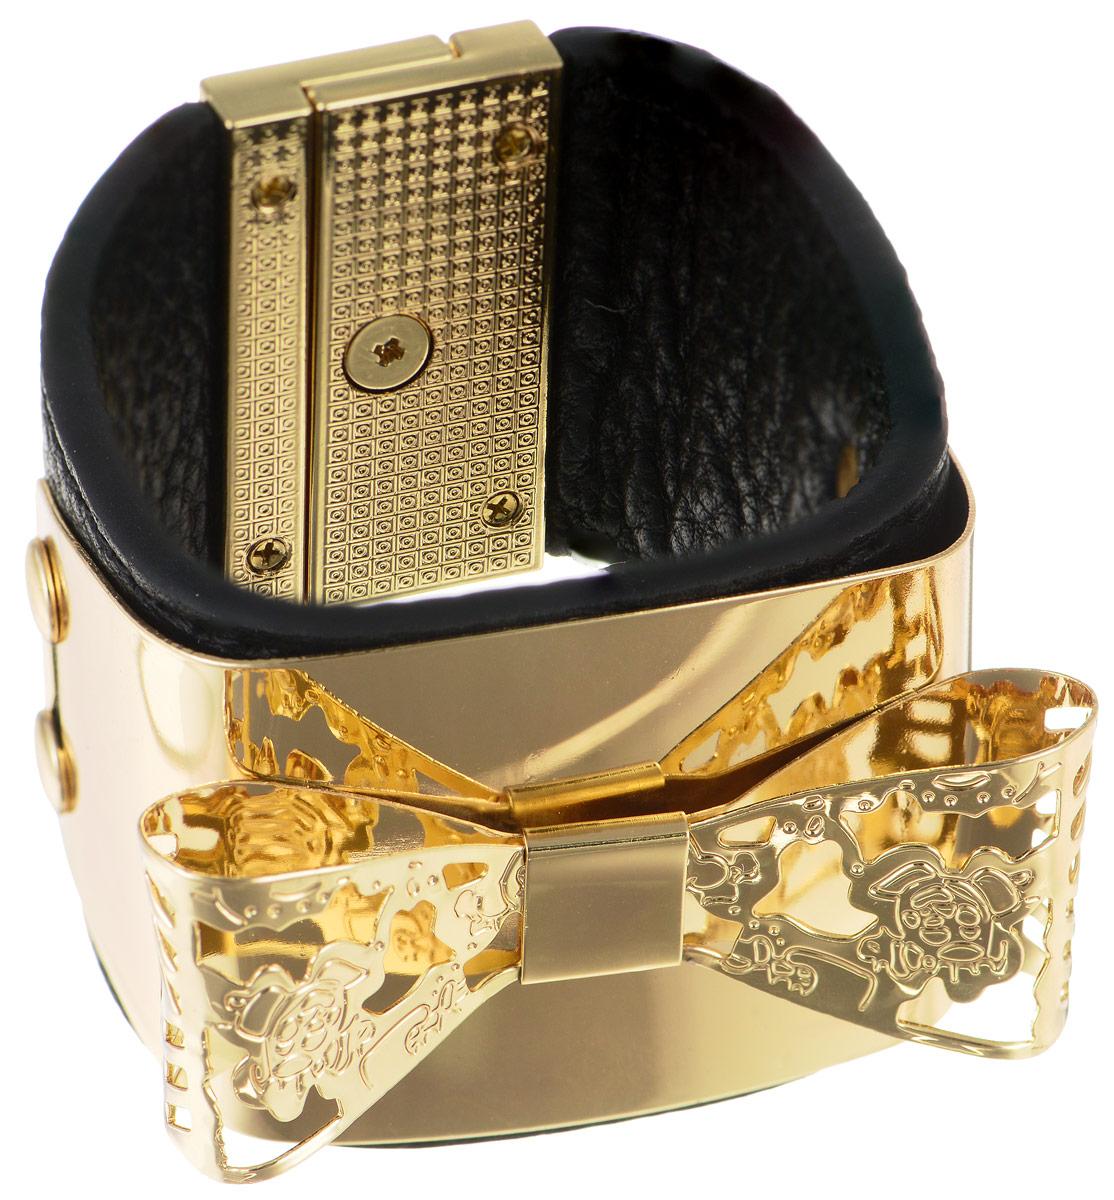 Браслет Art-Silver, цвет: золотистый, черный. ЧР15-850ЧР15-850Стильный браслет Art-Silver выполнен из натуральной кожи и оформлен декоративным металлическим элементом в виде банта. Модель на замке-вертушке, который позволит идеально зафиксировать браслет на руке. Браслет - это модный стильный аксессуар, призванный подчеркнуть индивидуальность и очарование его обладательницы.